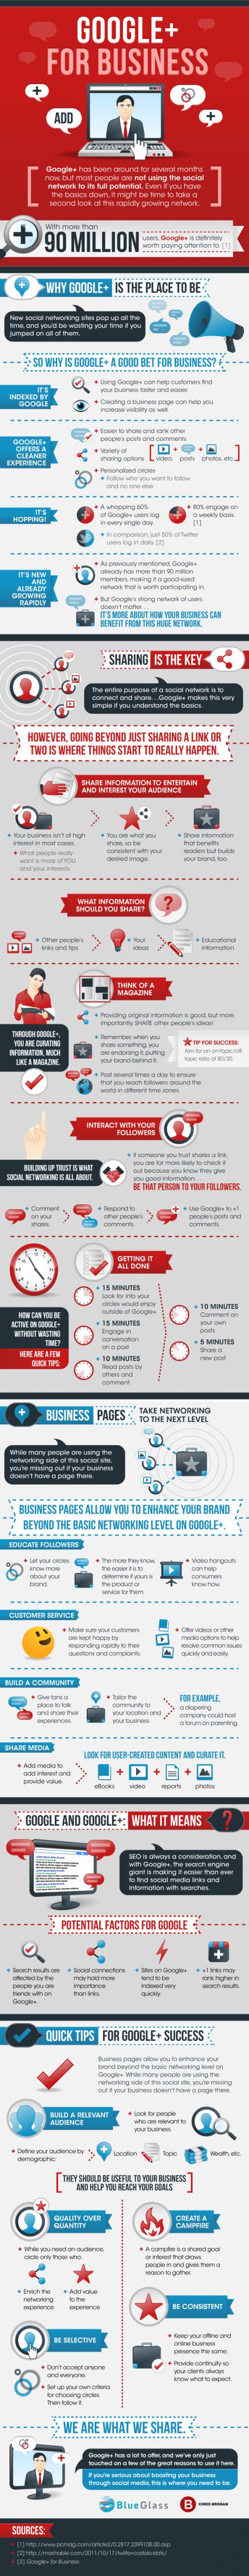 Infografik: Ökosystem rund um Google+ (BlueGlass)